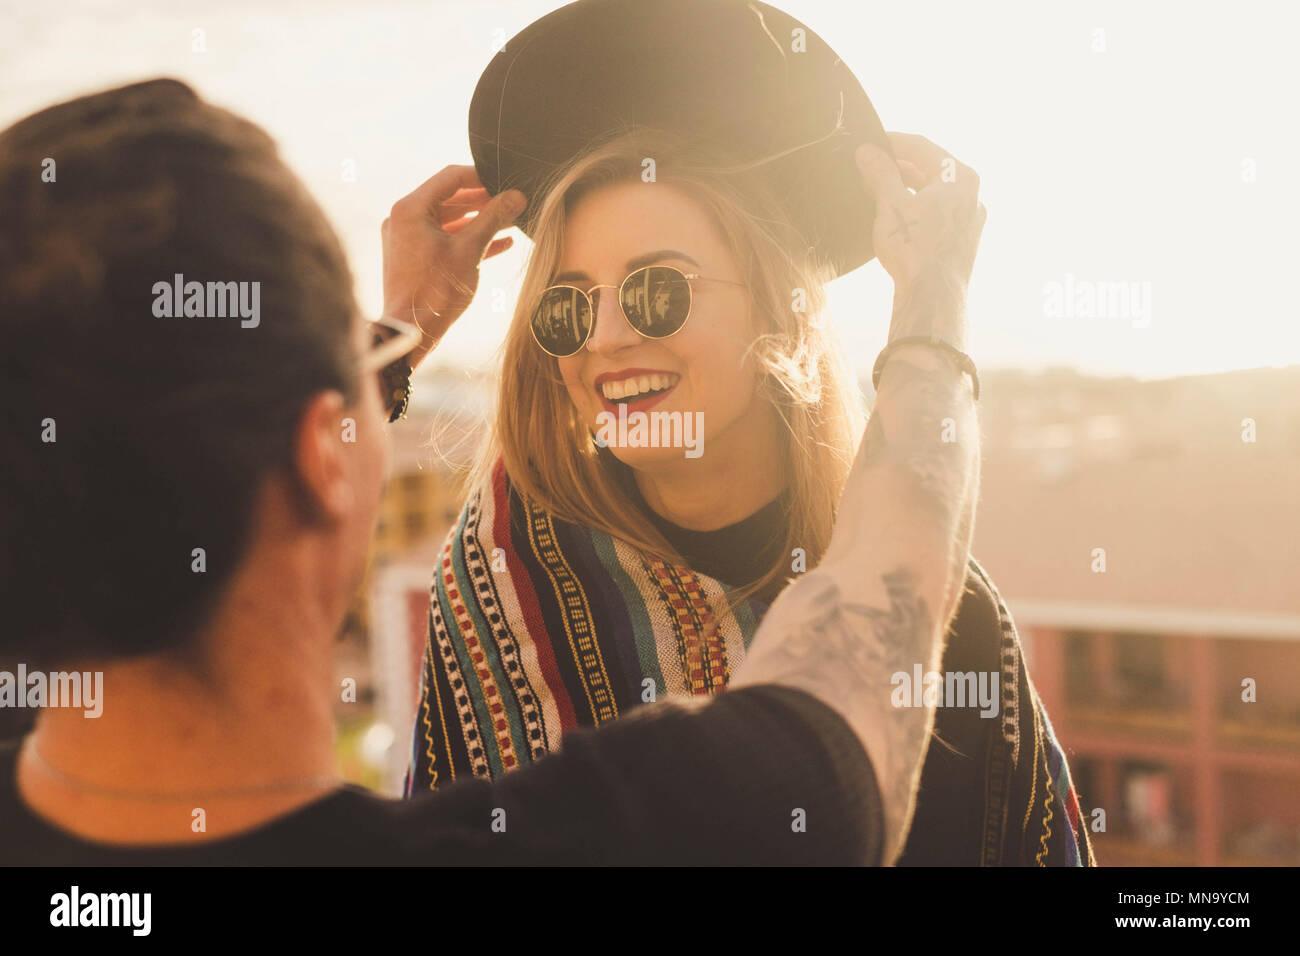 Attività all'aperto per paio di uomo e biondo giovane bella donna per divertirsi insieme. Egli mette un cappello sul suo capo e lei ha sorriso. la luce del sole e la terrazza sul tetto Immagini Stock